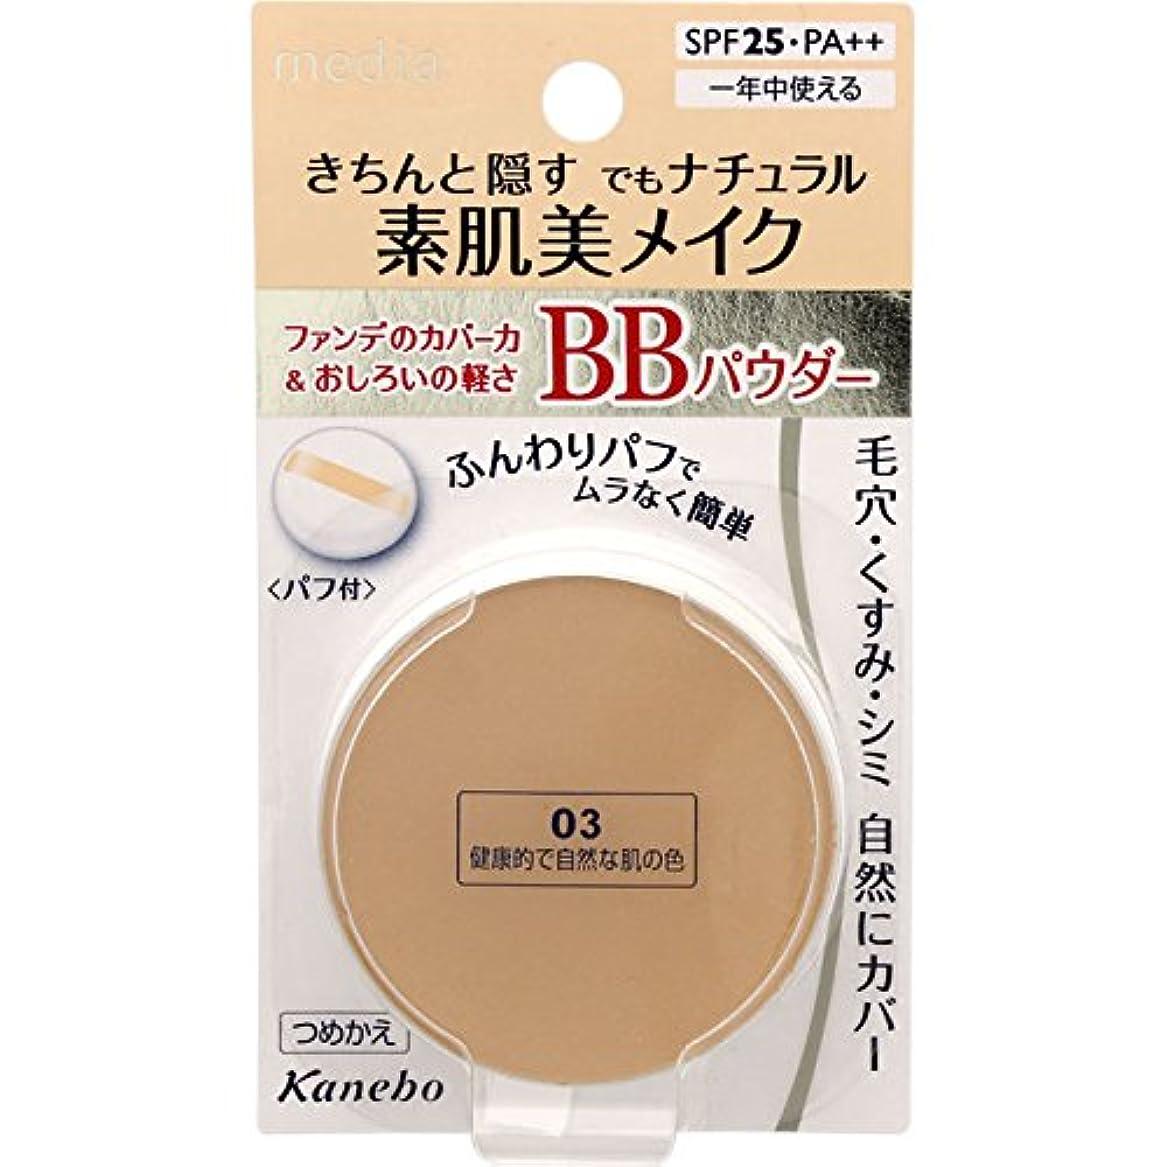 神フェミニン履歴書カネボウ メディア BBパウダー(レフィルのみ)《10g》<カラー:03健康的で自然な肌の色>